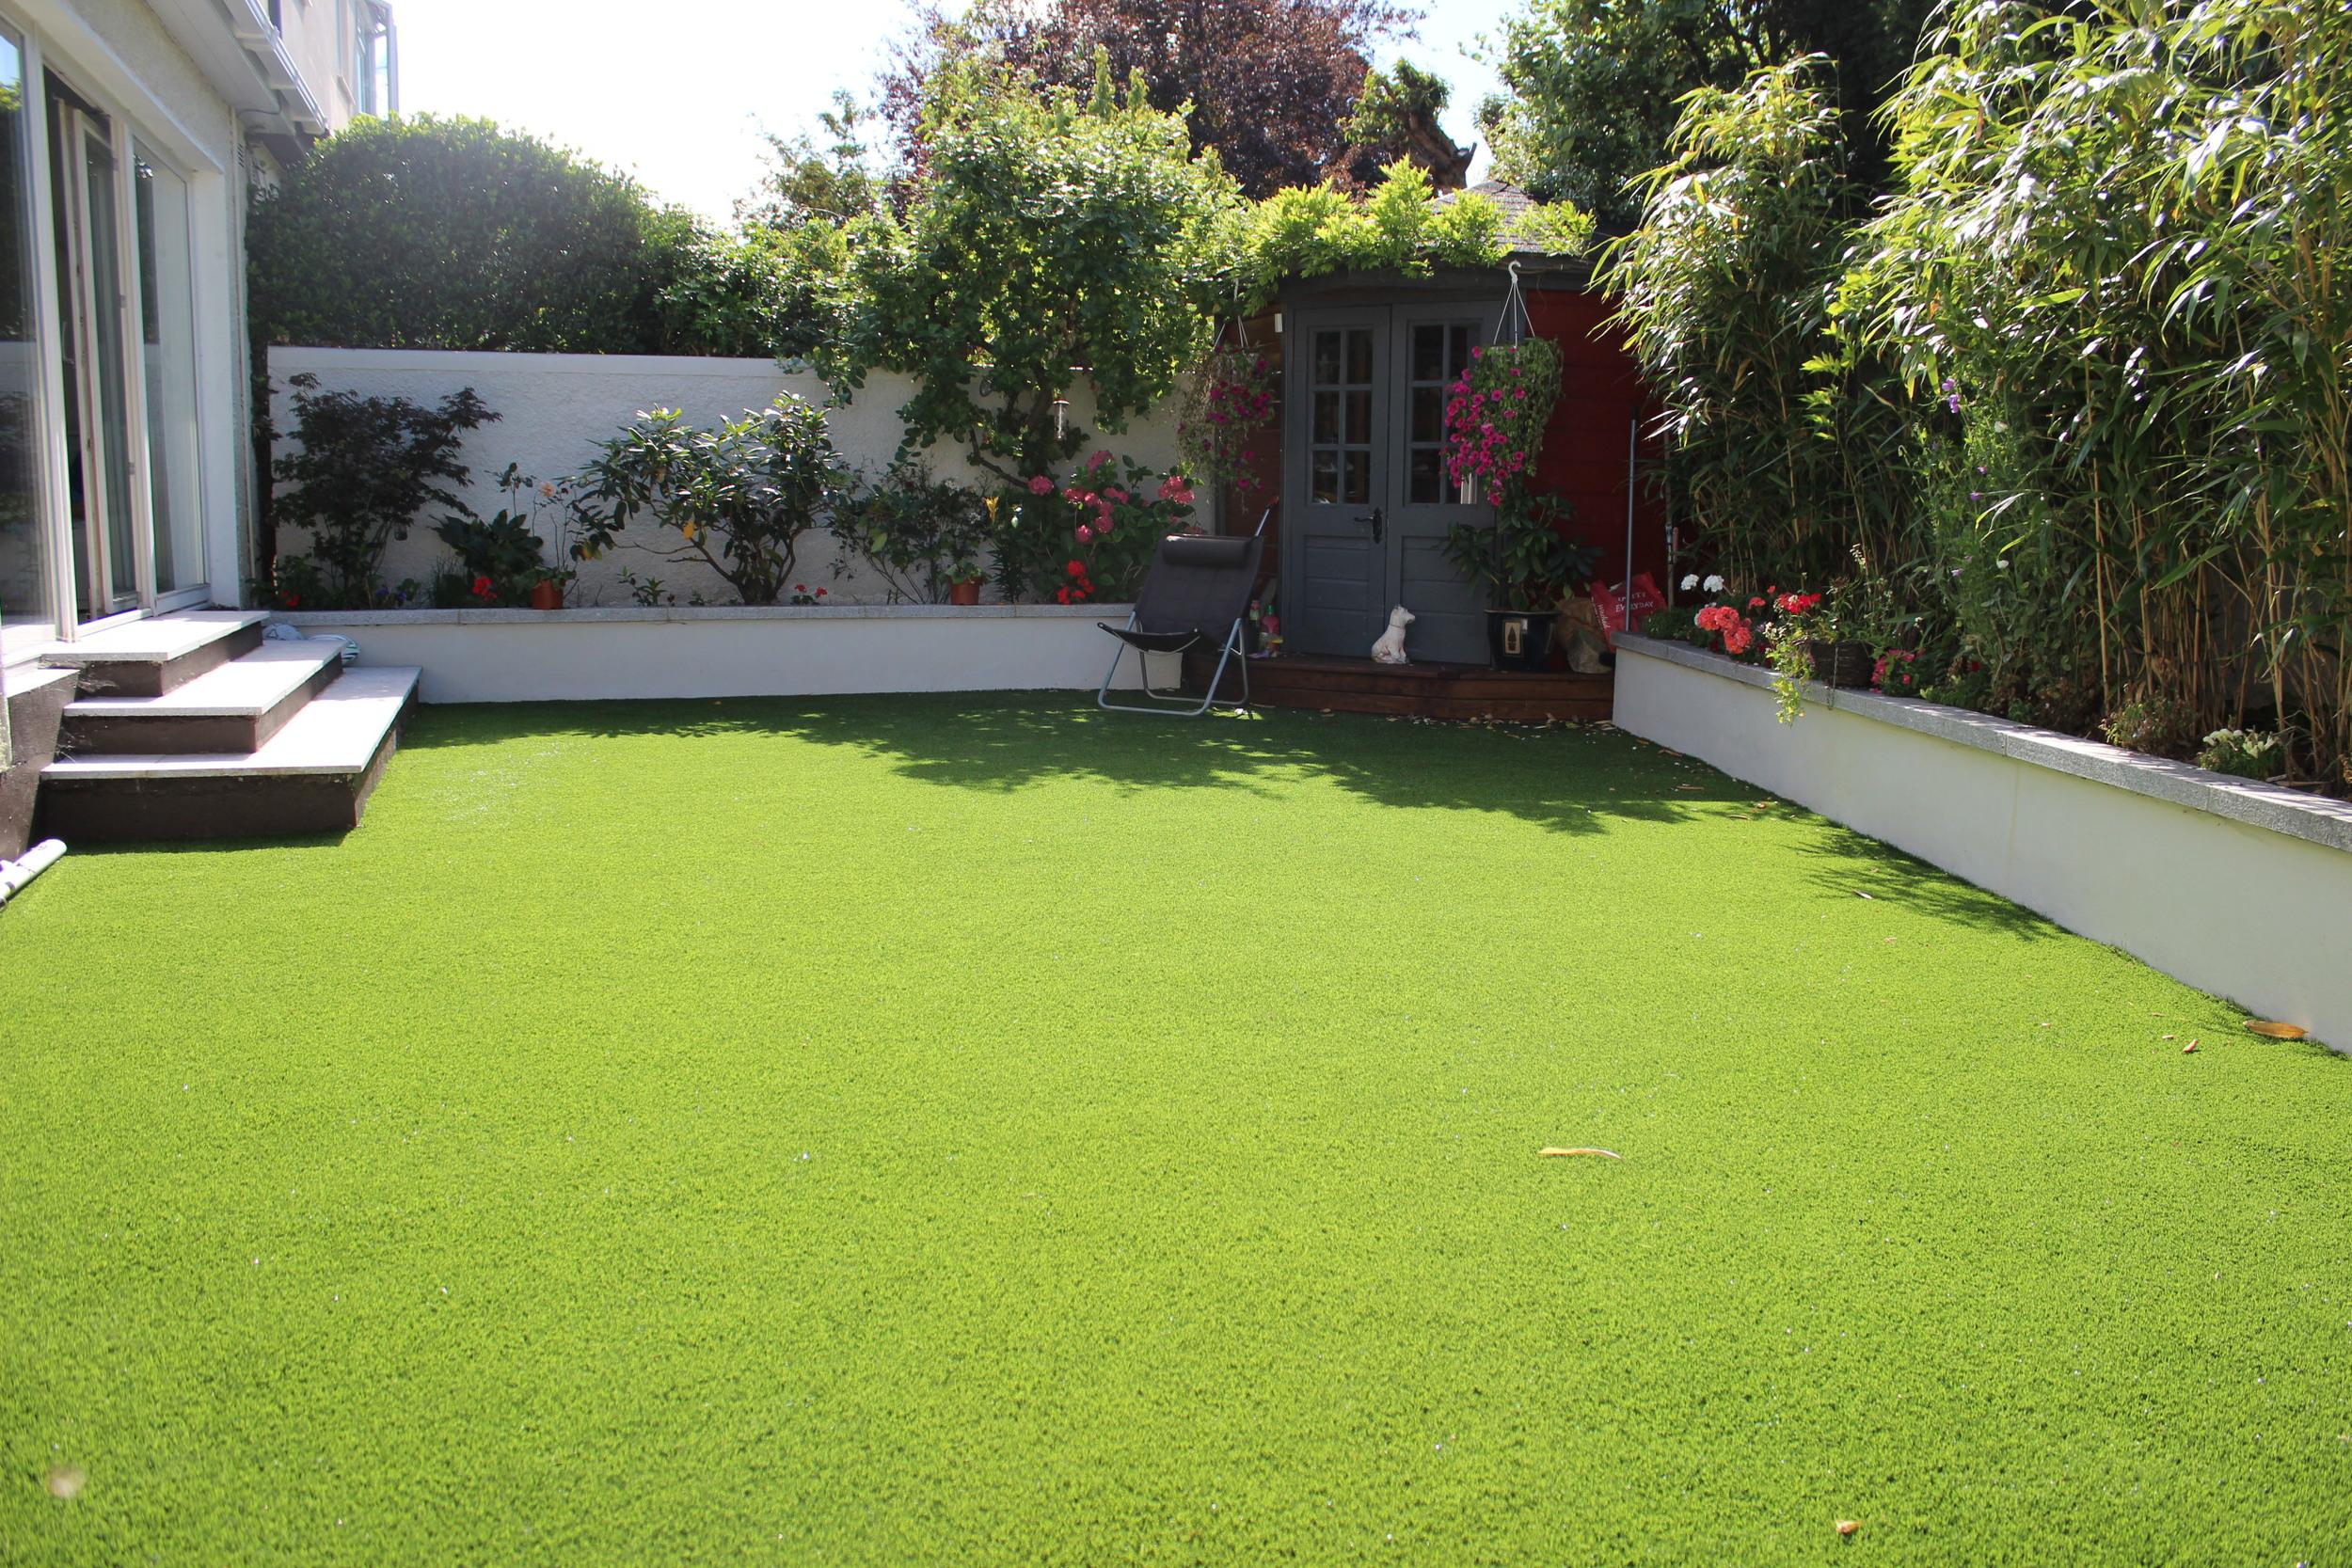 New lawn turf